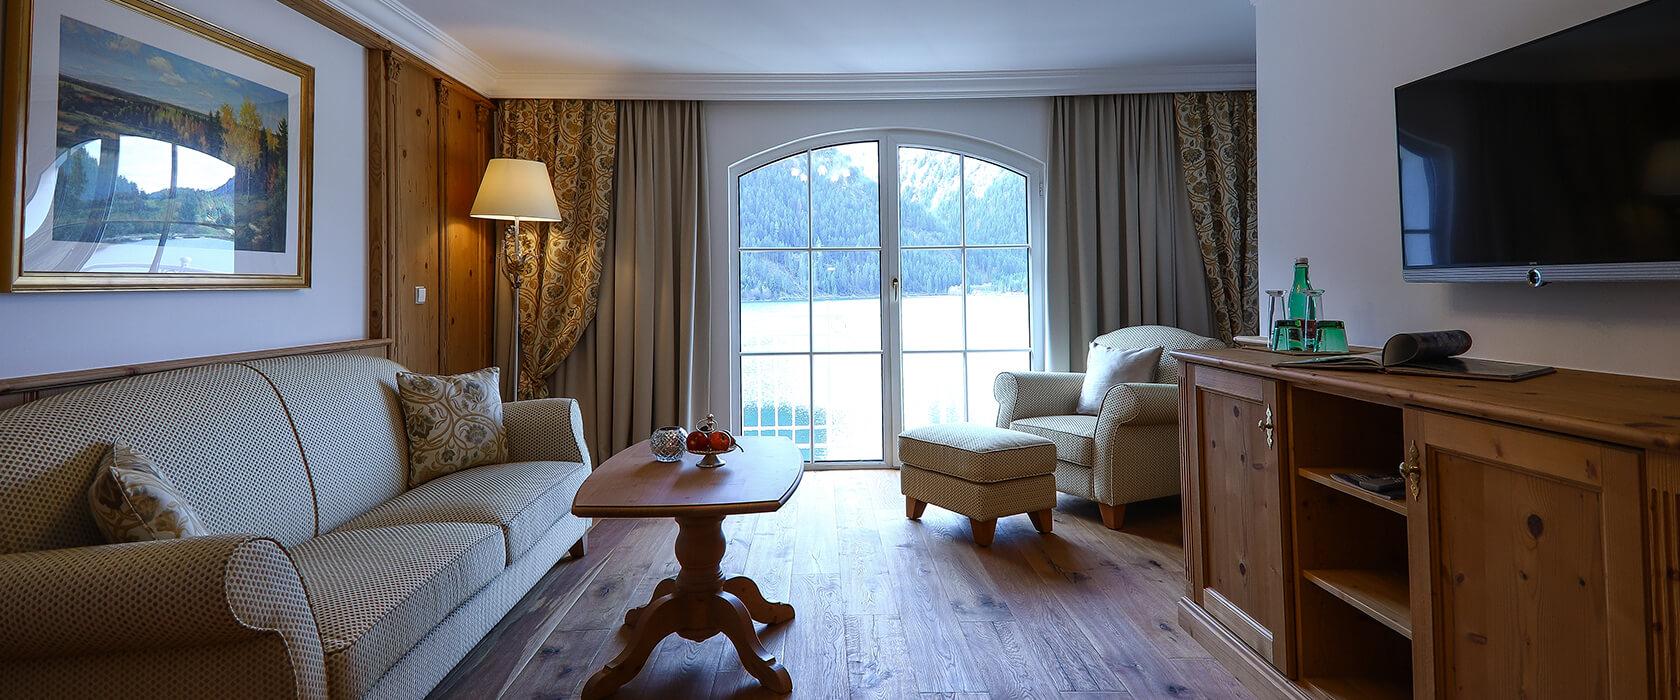 Seeblick und Luxus in der Suite Salina - Hotel Via Salina